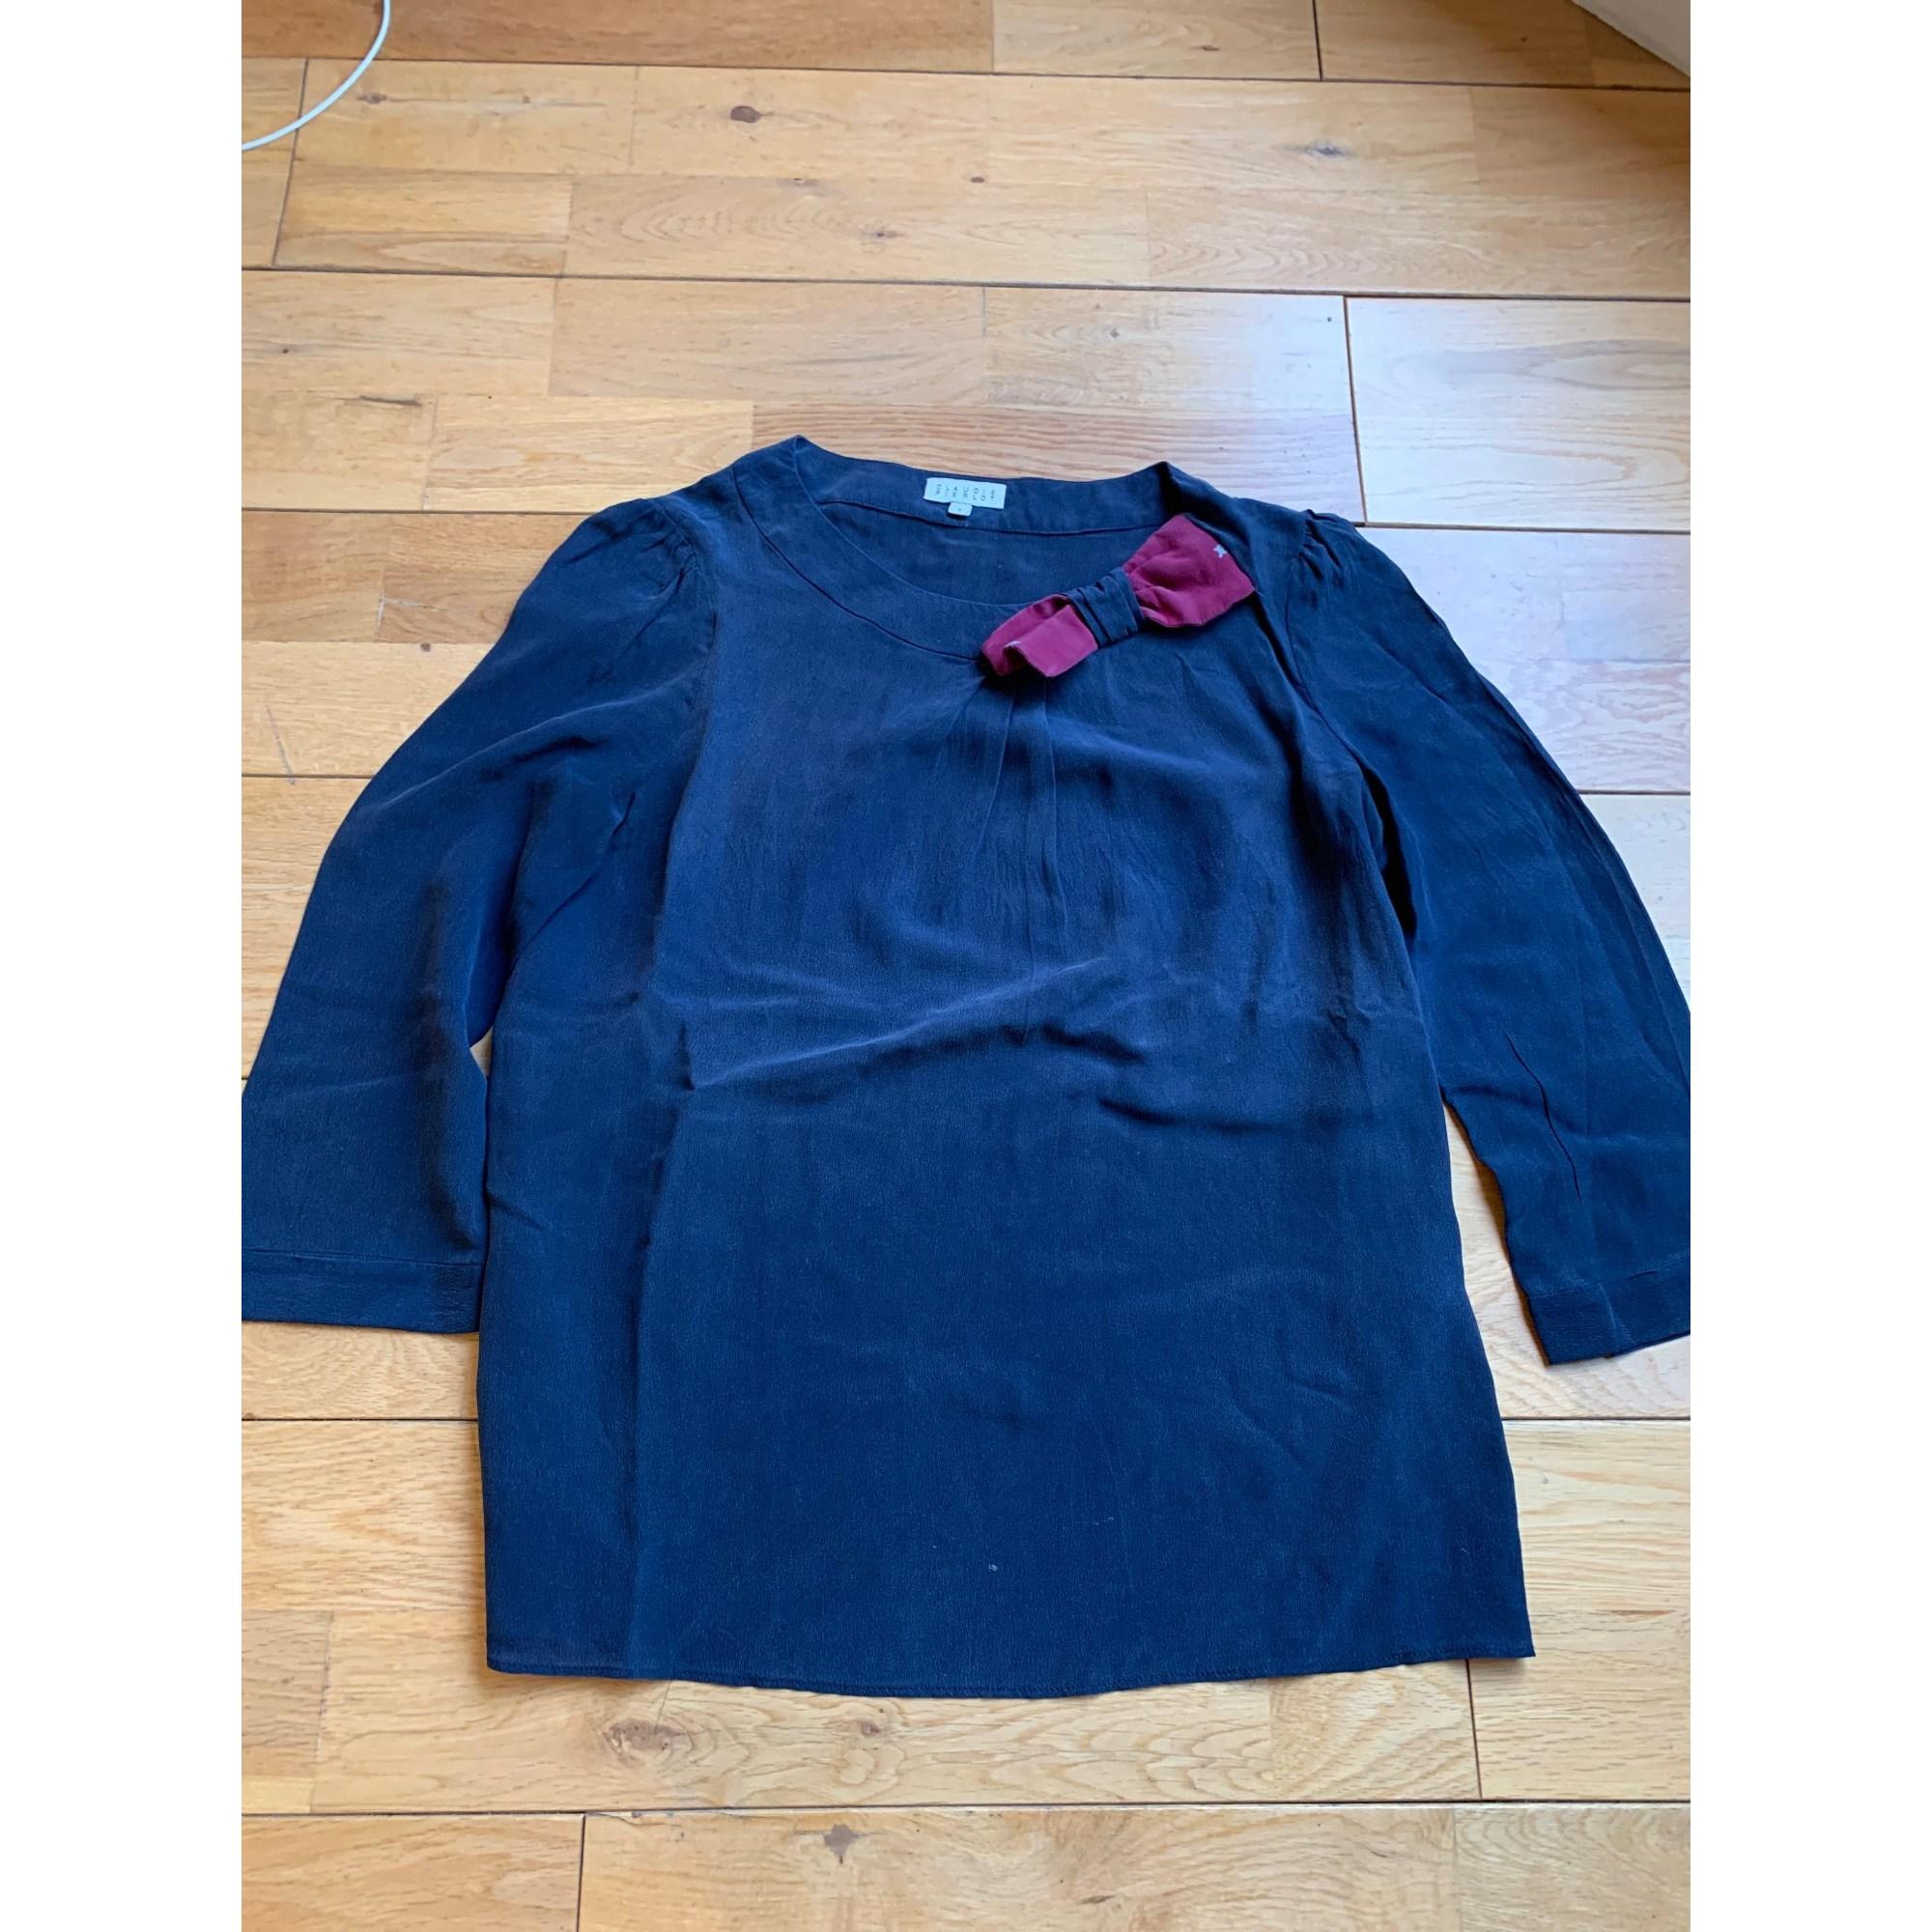 Tunique CLAUDIE PIERLOT Bleu, bleu marine, bleu turquoise